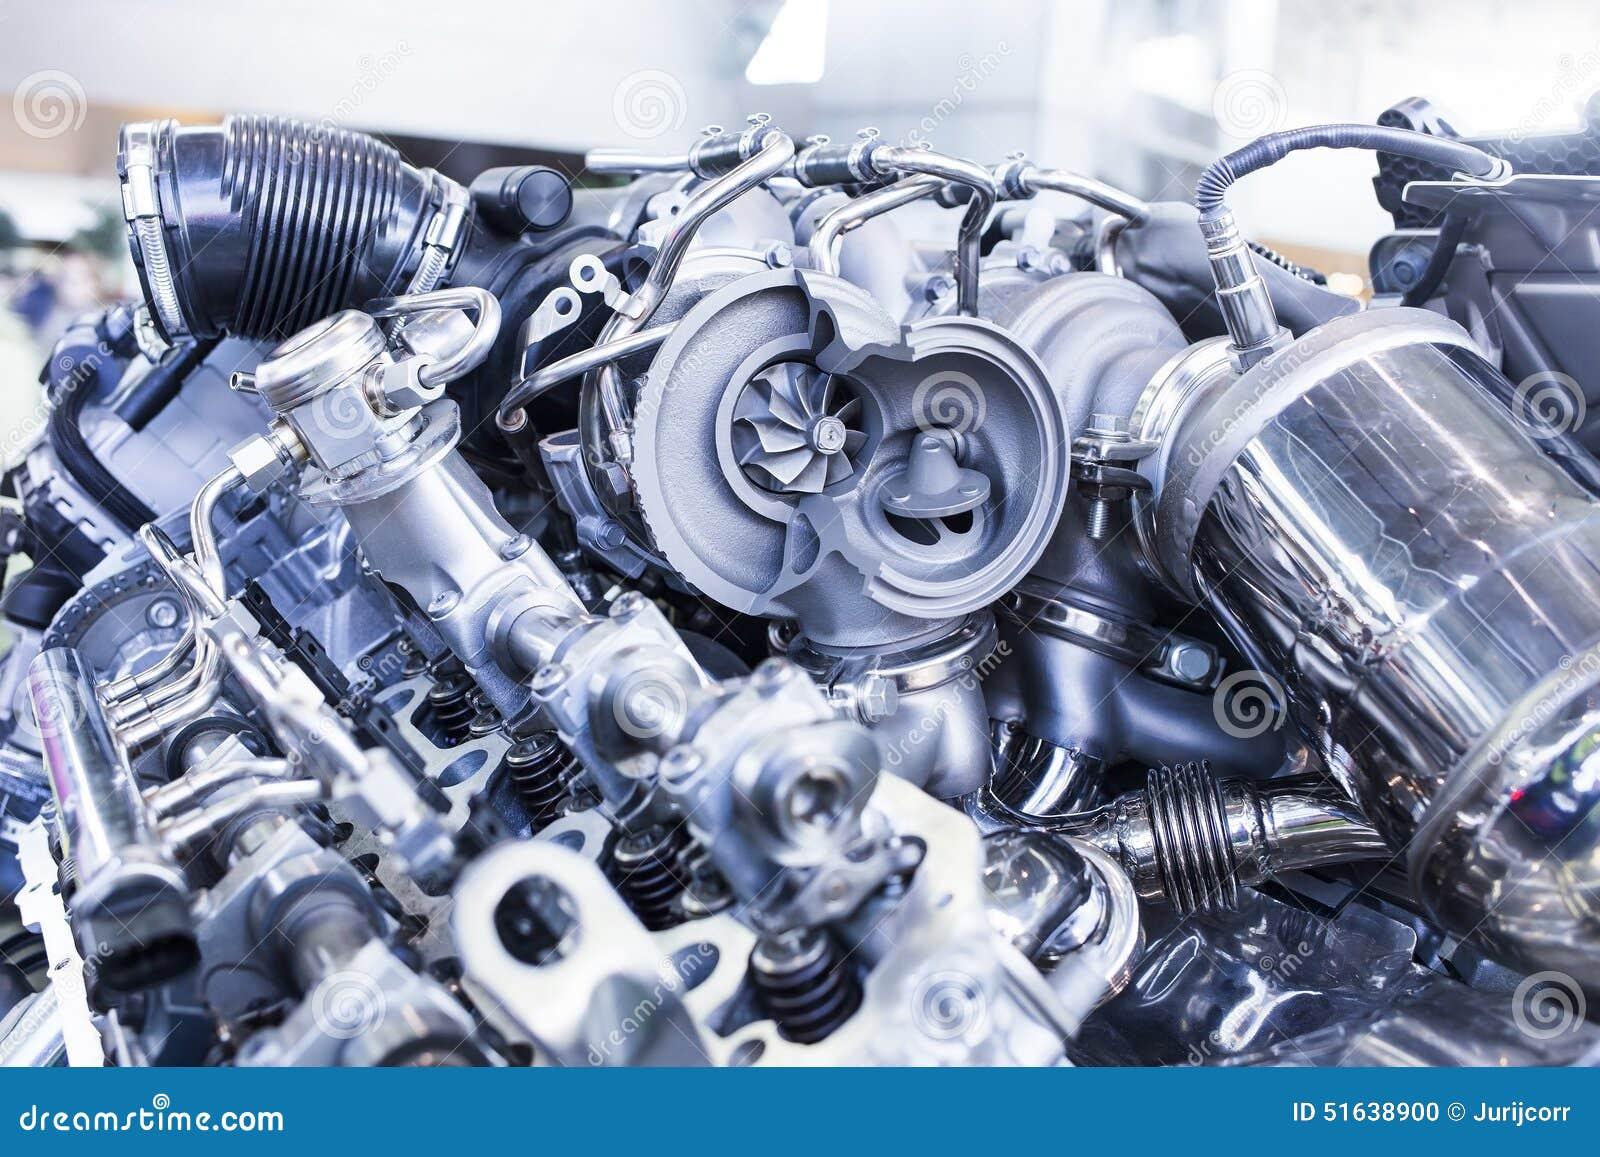 Turbo-Automotor, Der Innere Teile Und Turbine Zeigt Stockfoto - Bild ...